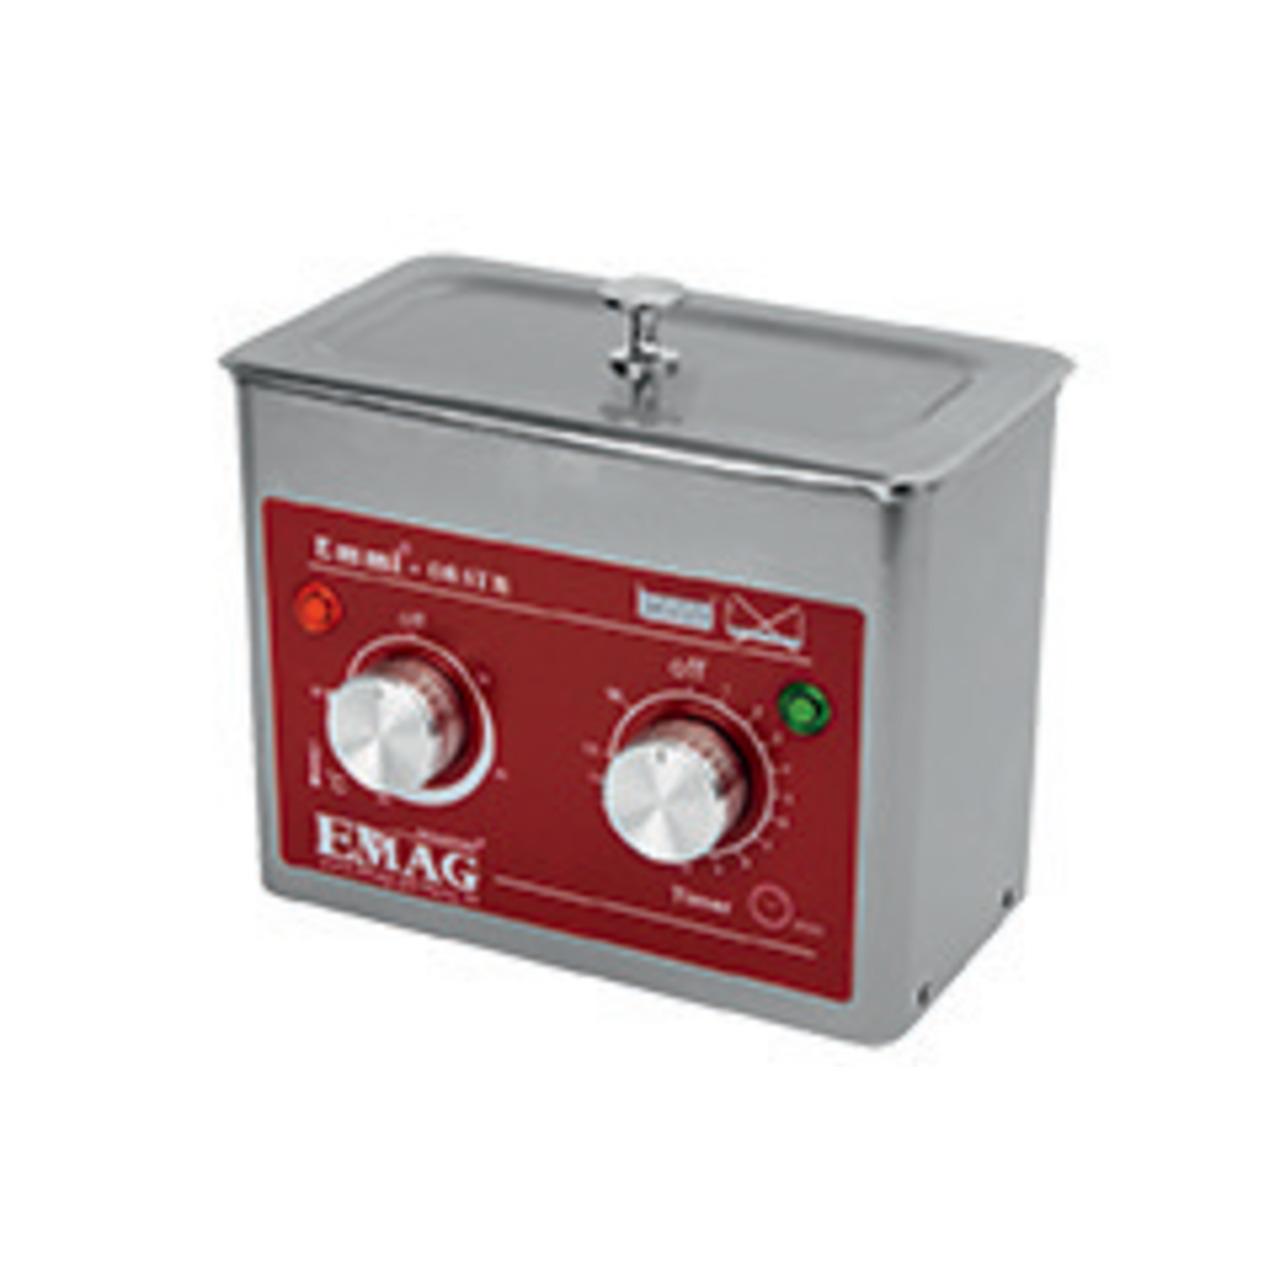 EMAG EMMI 08ST H Ultraschall-Reinigungsgerät- 0-8 L- 60 W